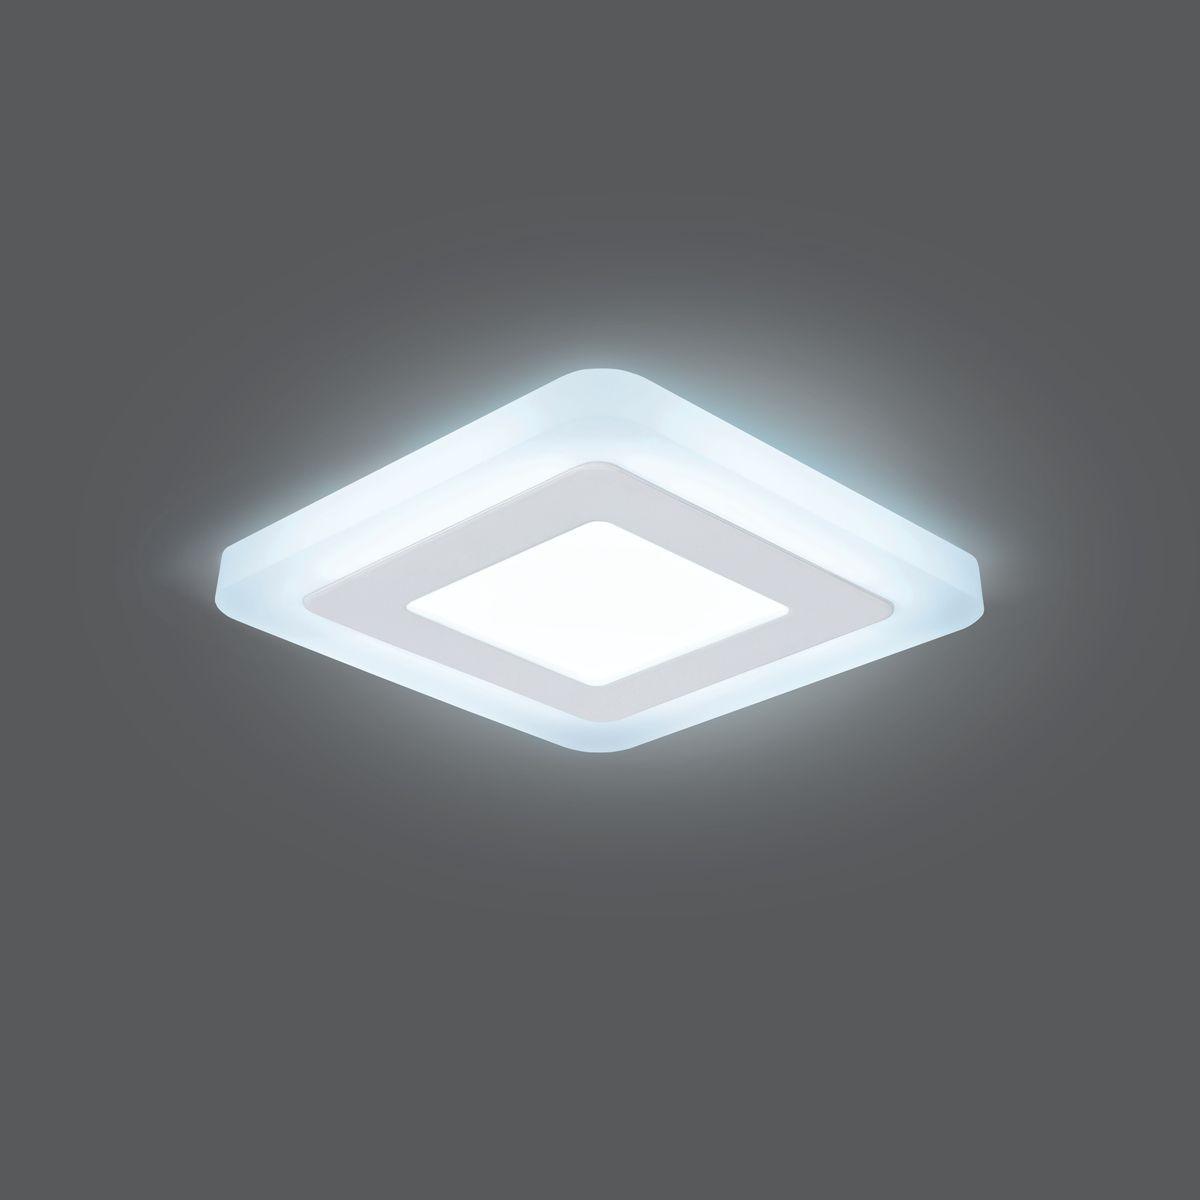 Светильник Gauss Backlight LED, BL121, 3+3W, 4000K, 350Лм, 1/40 gauss встраиваемый светильник gauss backlight bl135 кругл узор черный gu5 3 3w led 4000k 1 40 bl135